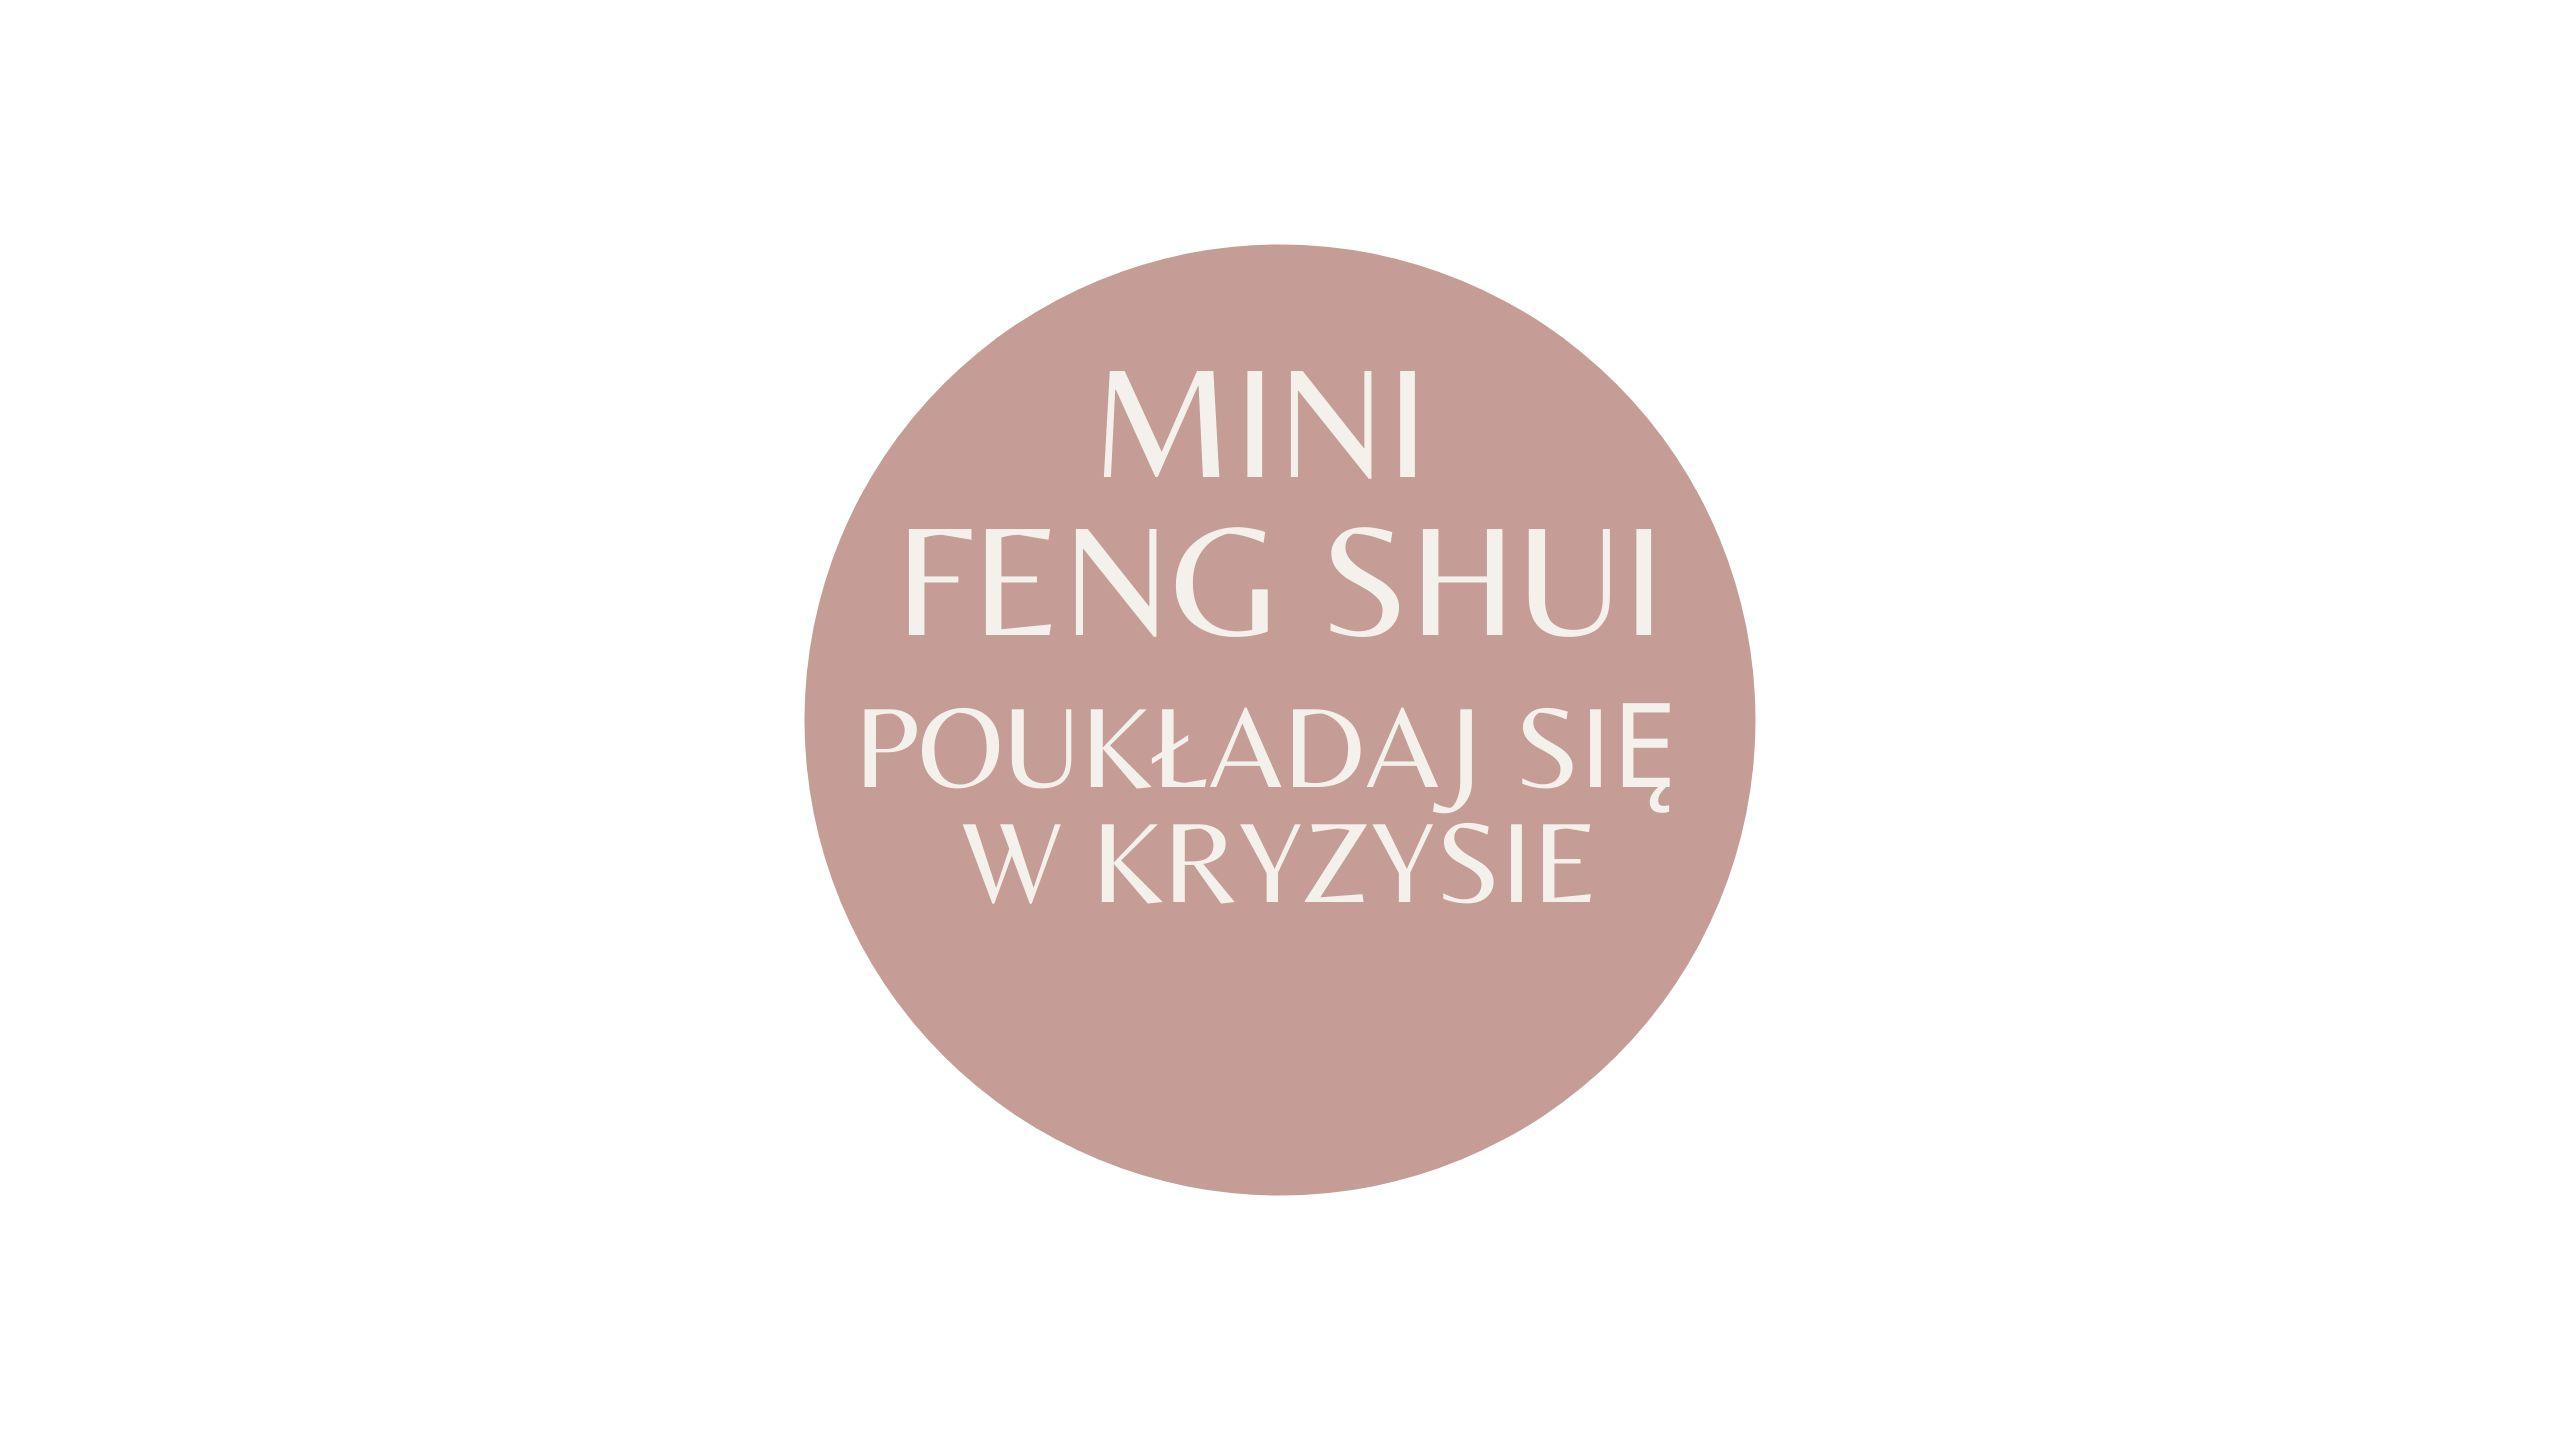 MINI FENG SHUI